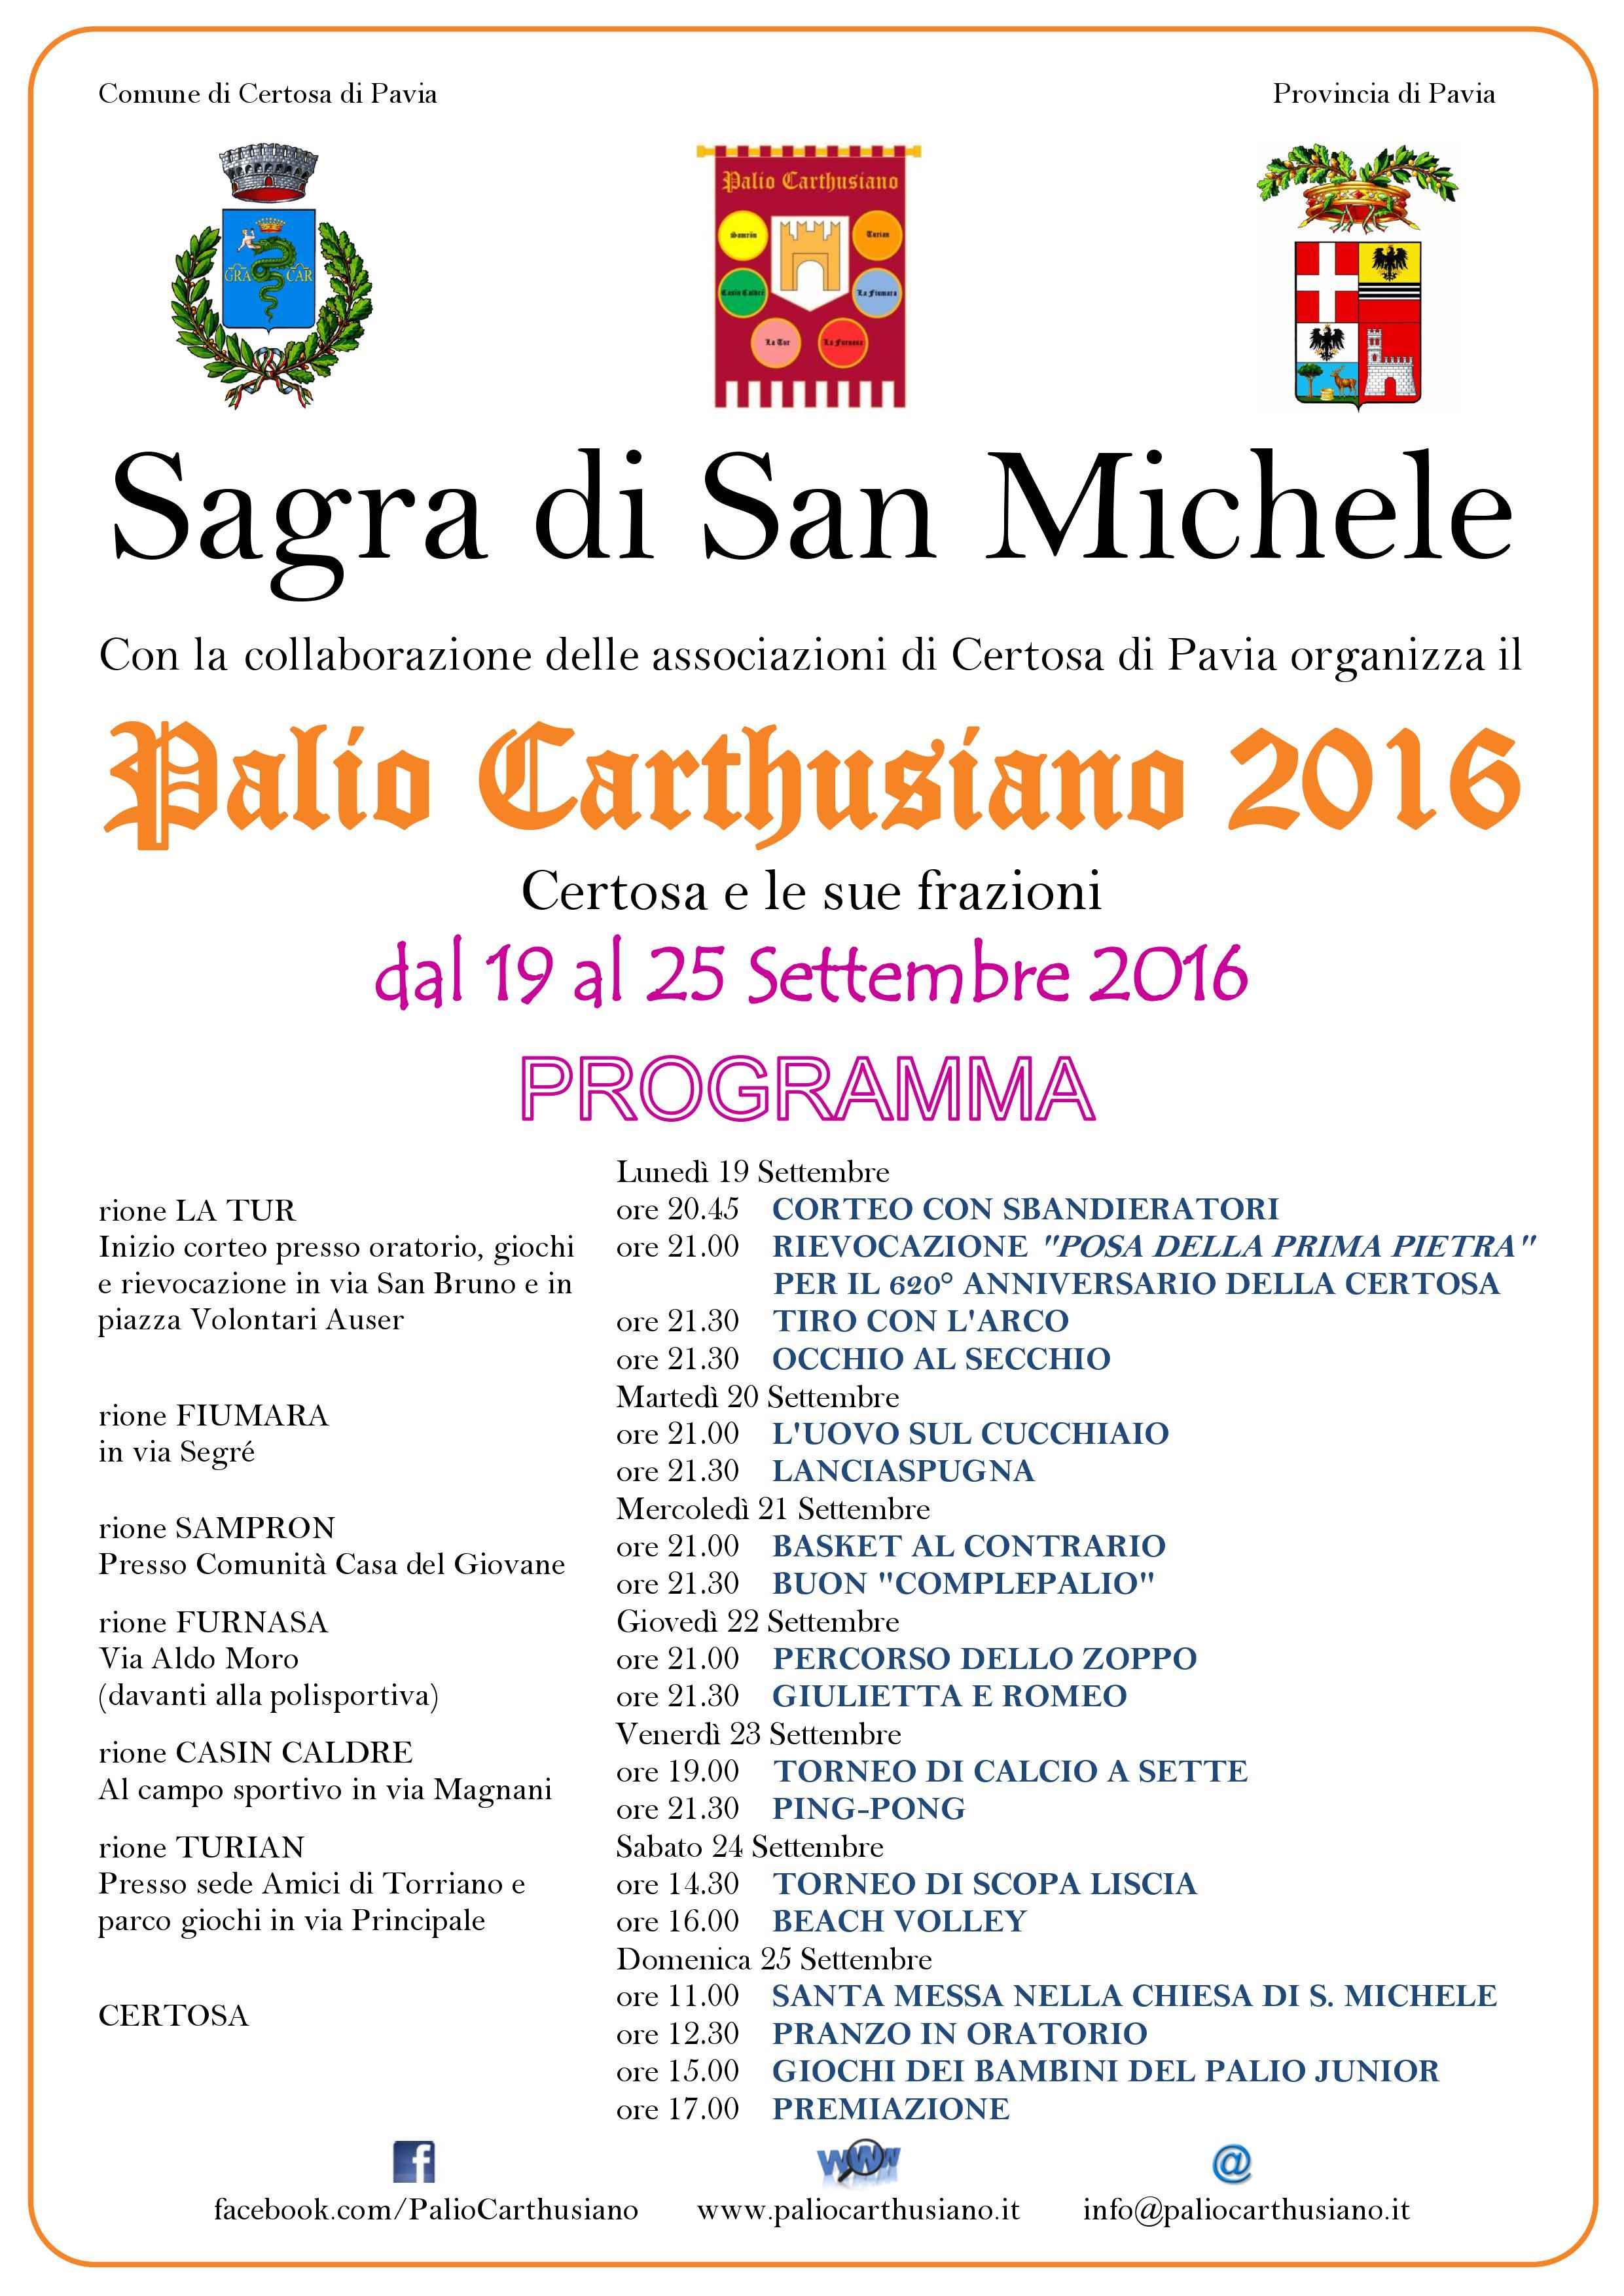 Palio Carthusiano di Certosa di Pavia dal 19 al 26 settembre 2016